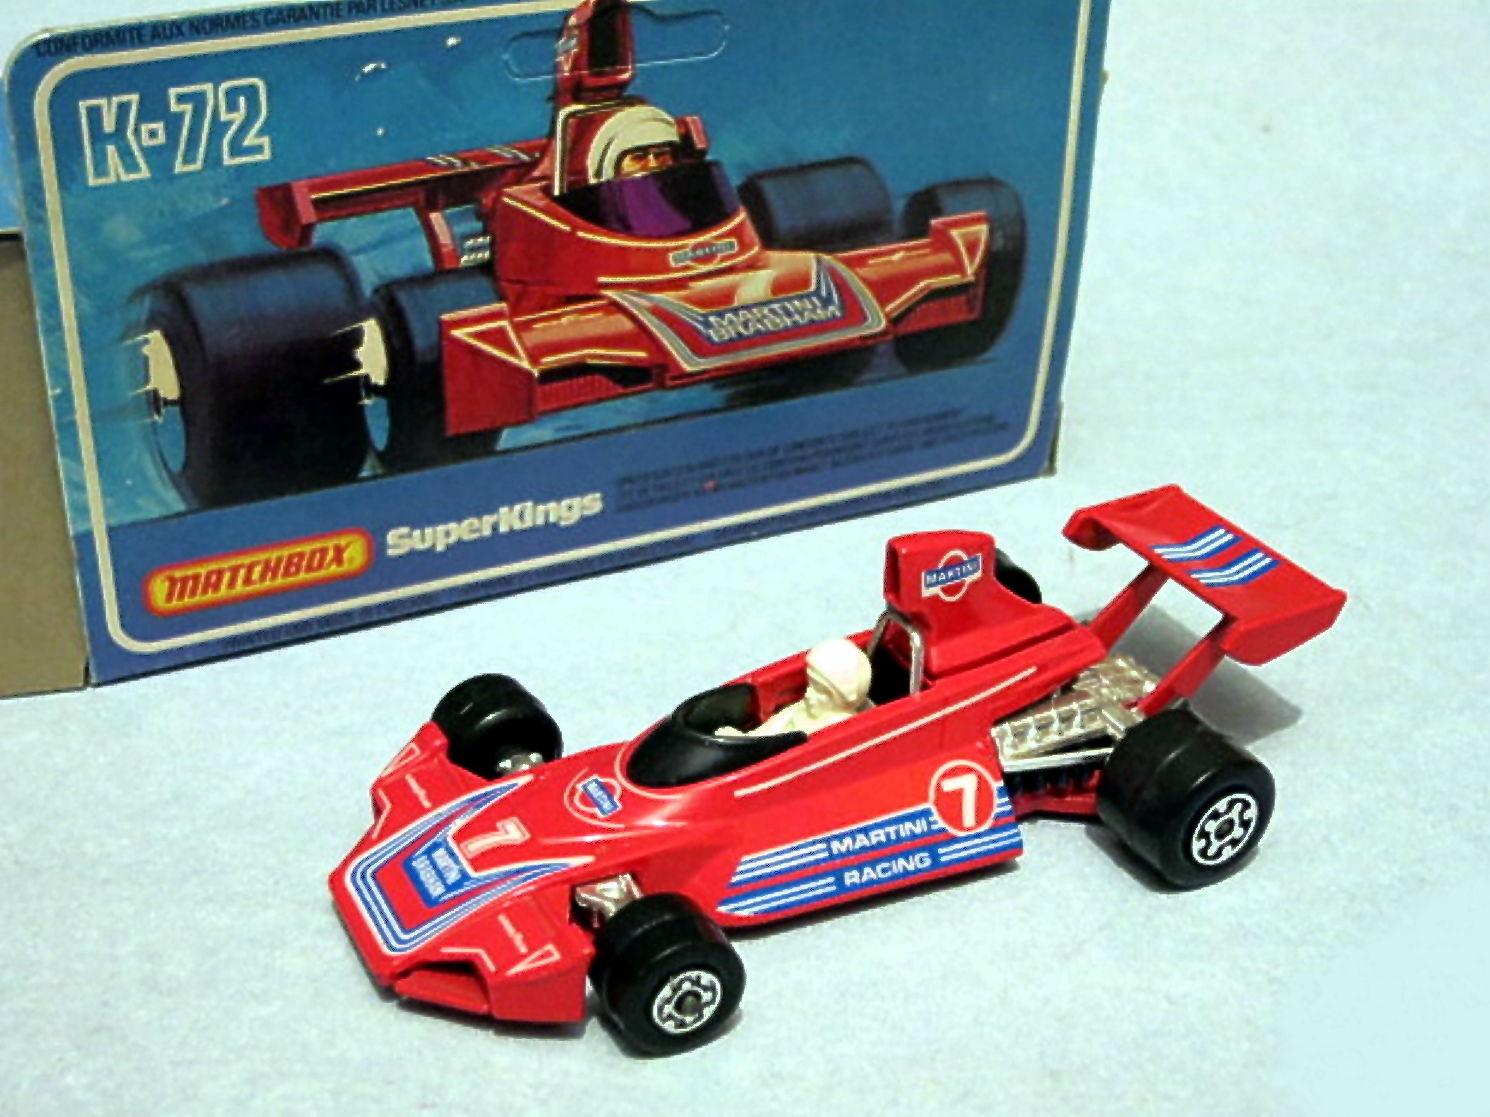 Brabham F1 (K-41/K-72) | Matchbox Cars Wiki | FANDOM powered by Wikia